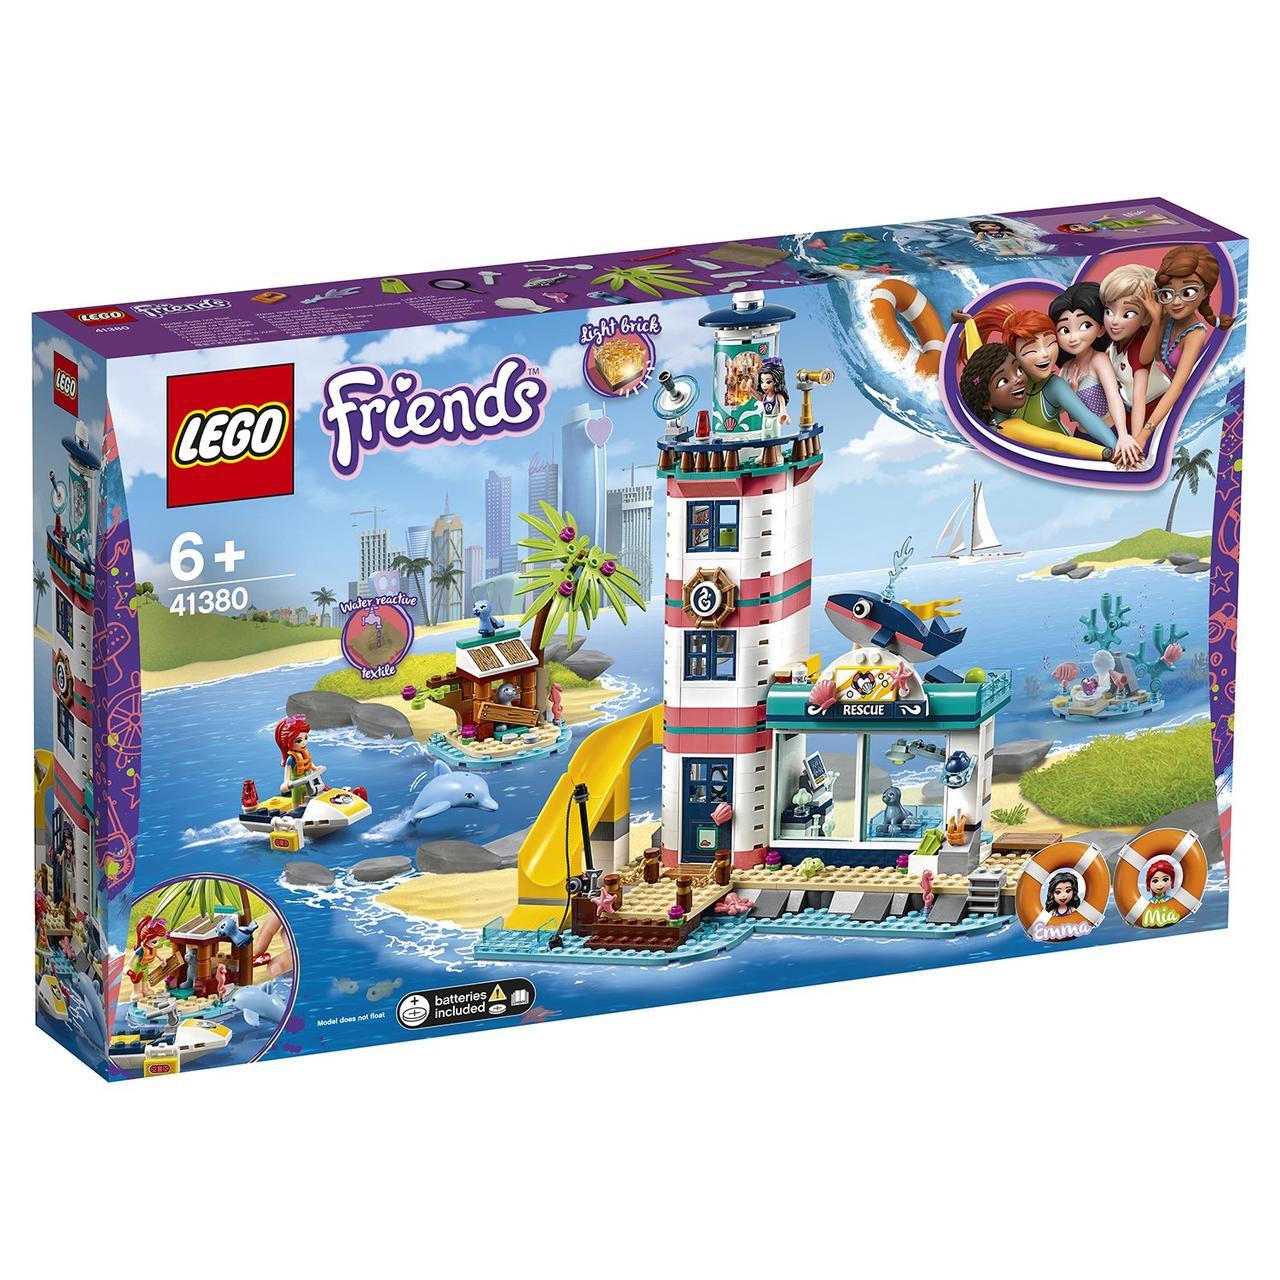 41380 Lego Friends Спасательный центр на маяке, Лего Подружки